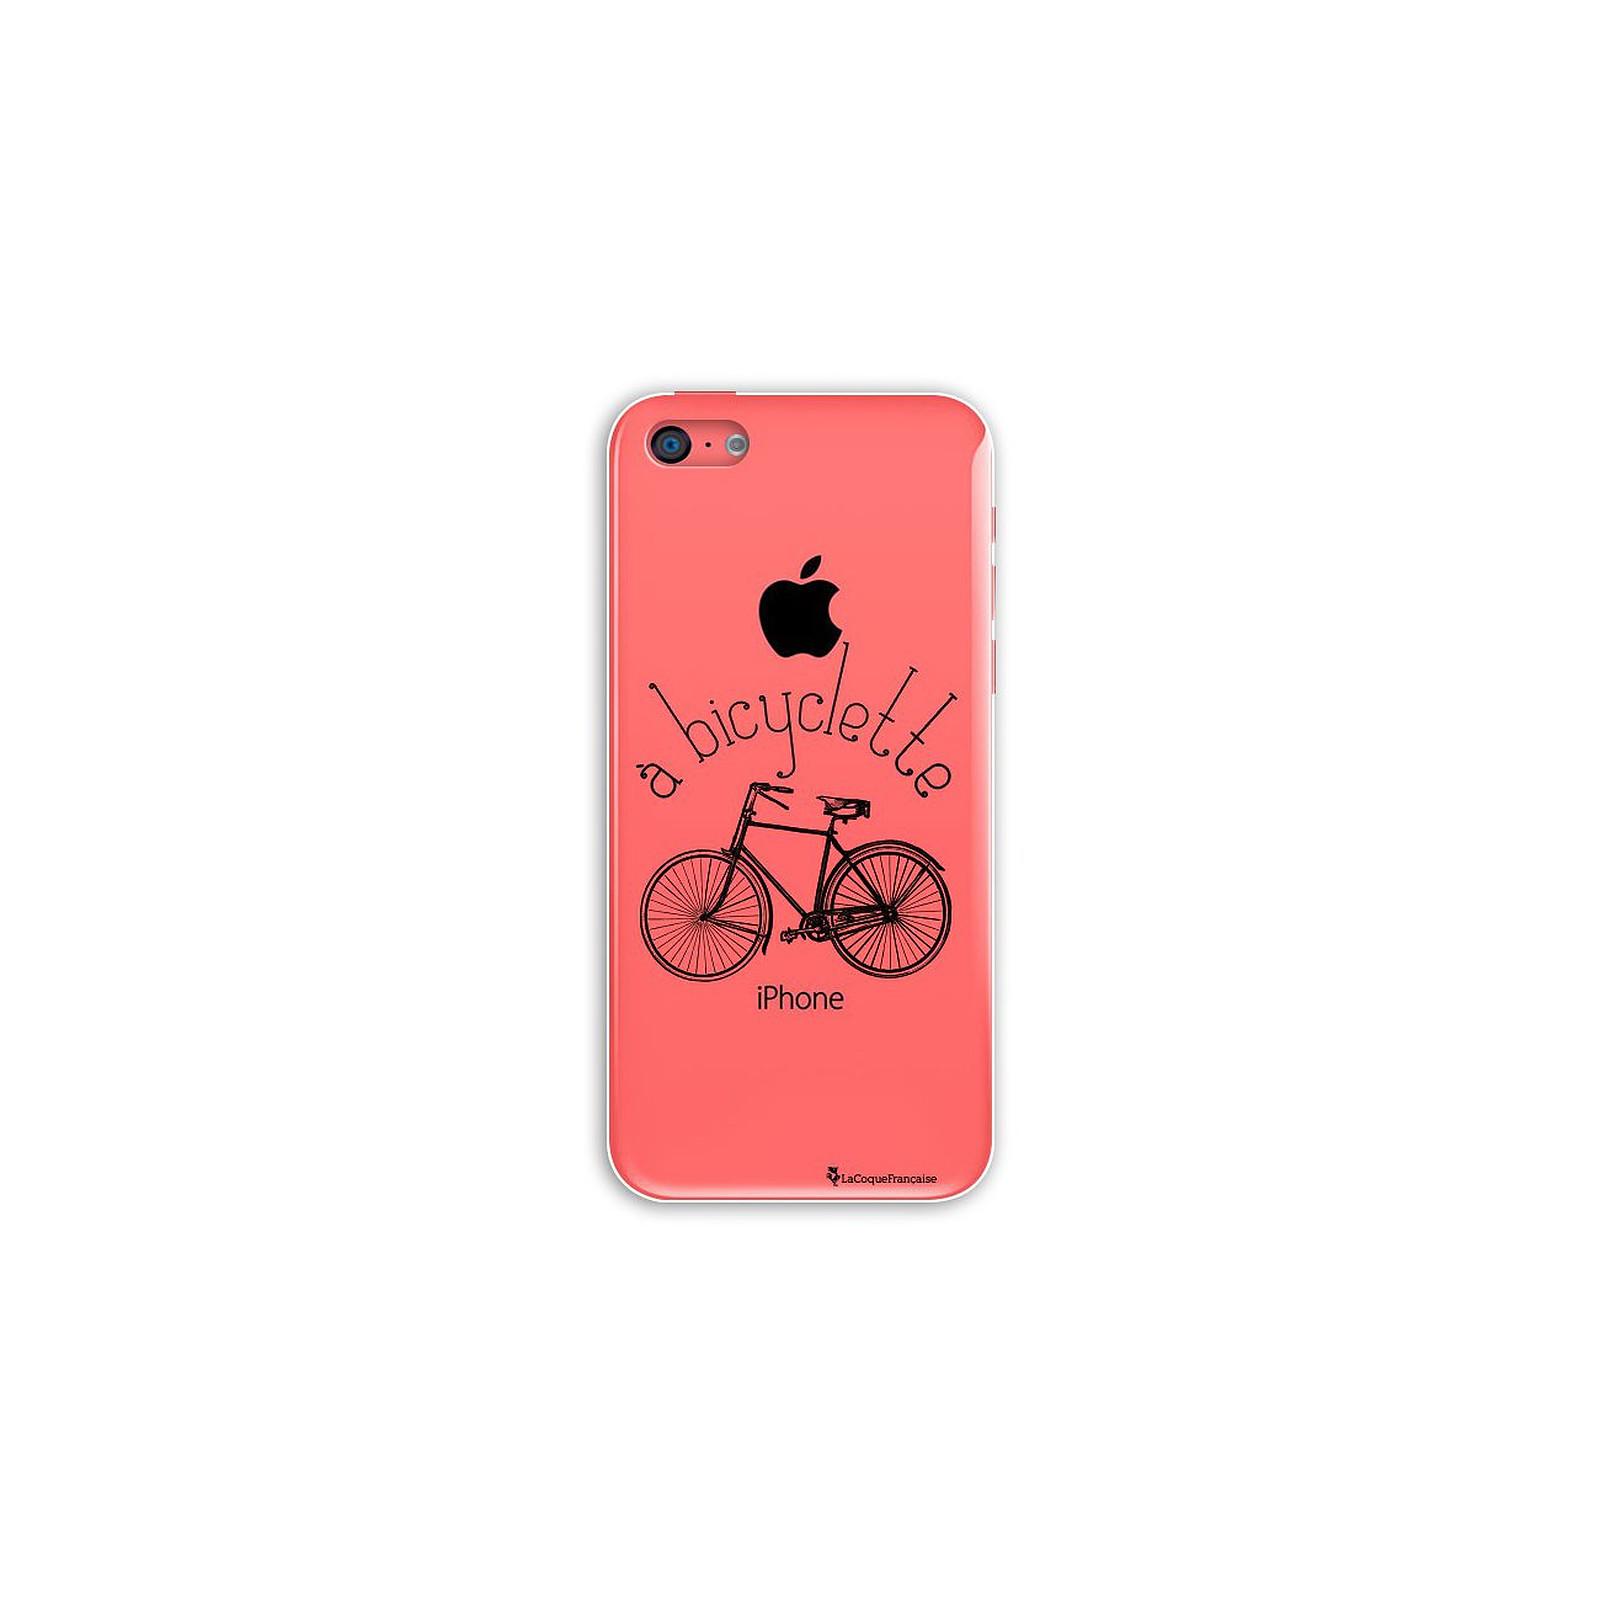 LA COQUE FRANCAISE Coque iPhone 5C rigide transparente Bicyclette Dessin - Coque téléphone LaCoqueFrançaise sur LDLC